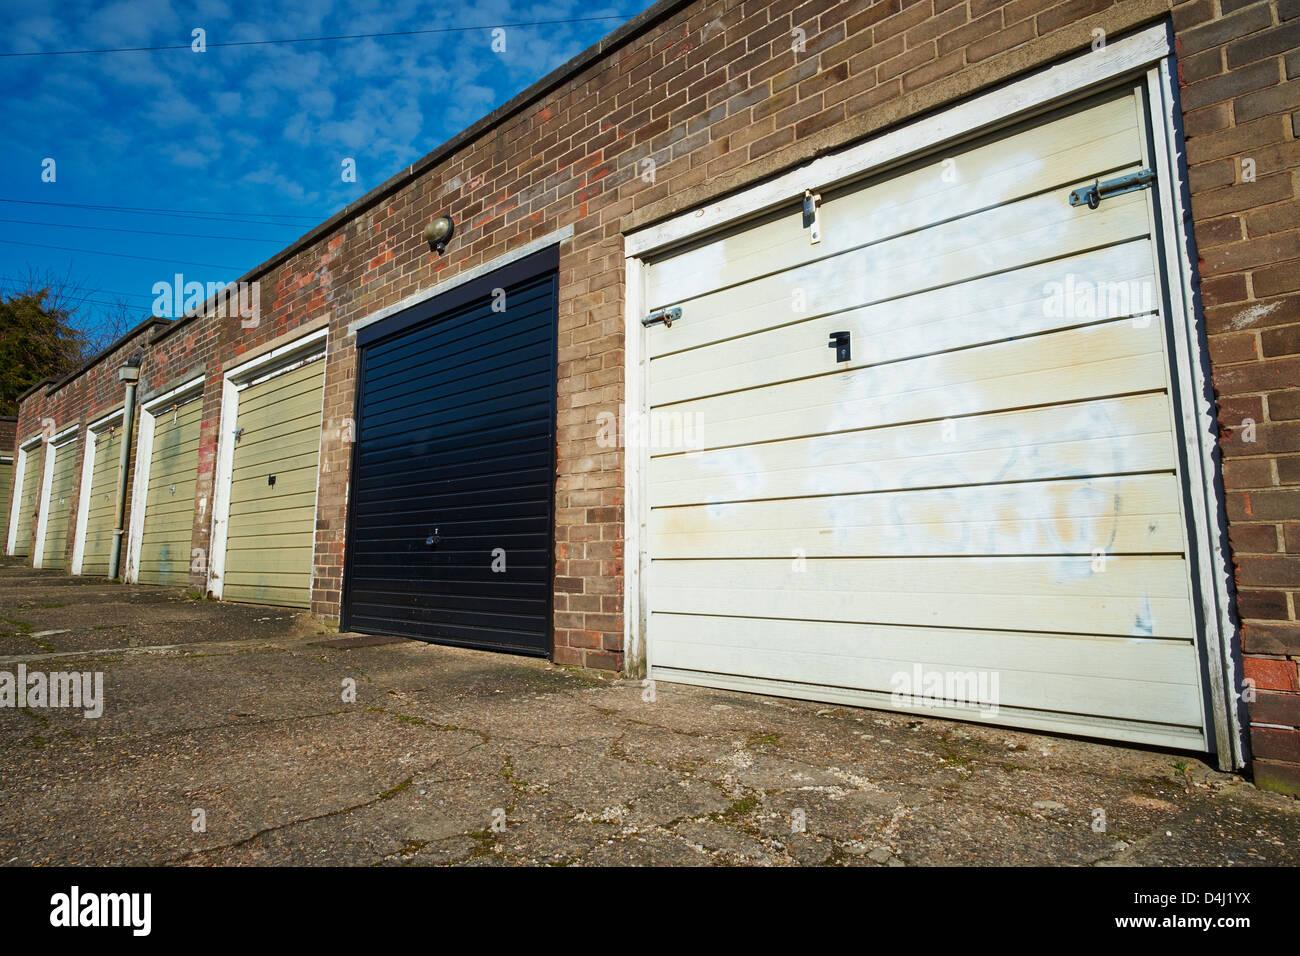 Reihe Von Garagen Mit Metall Türen Danesgate Lincoln Lincolnshire England  Stockbild